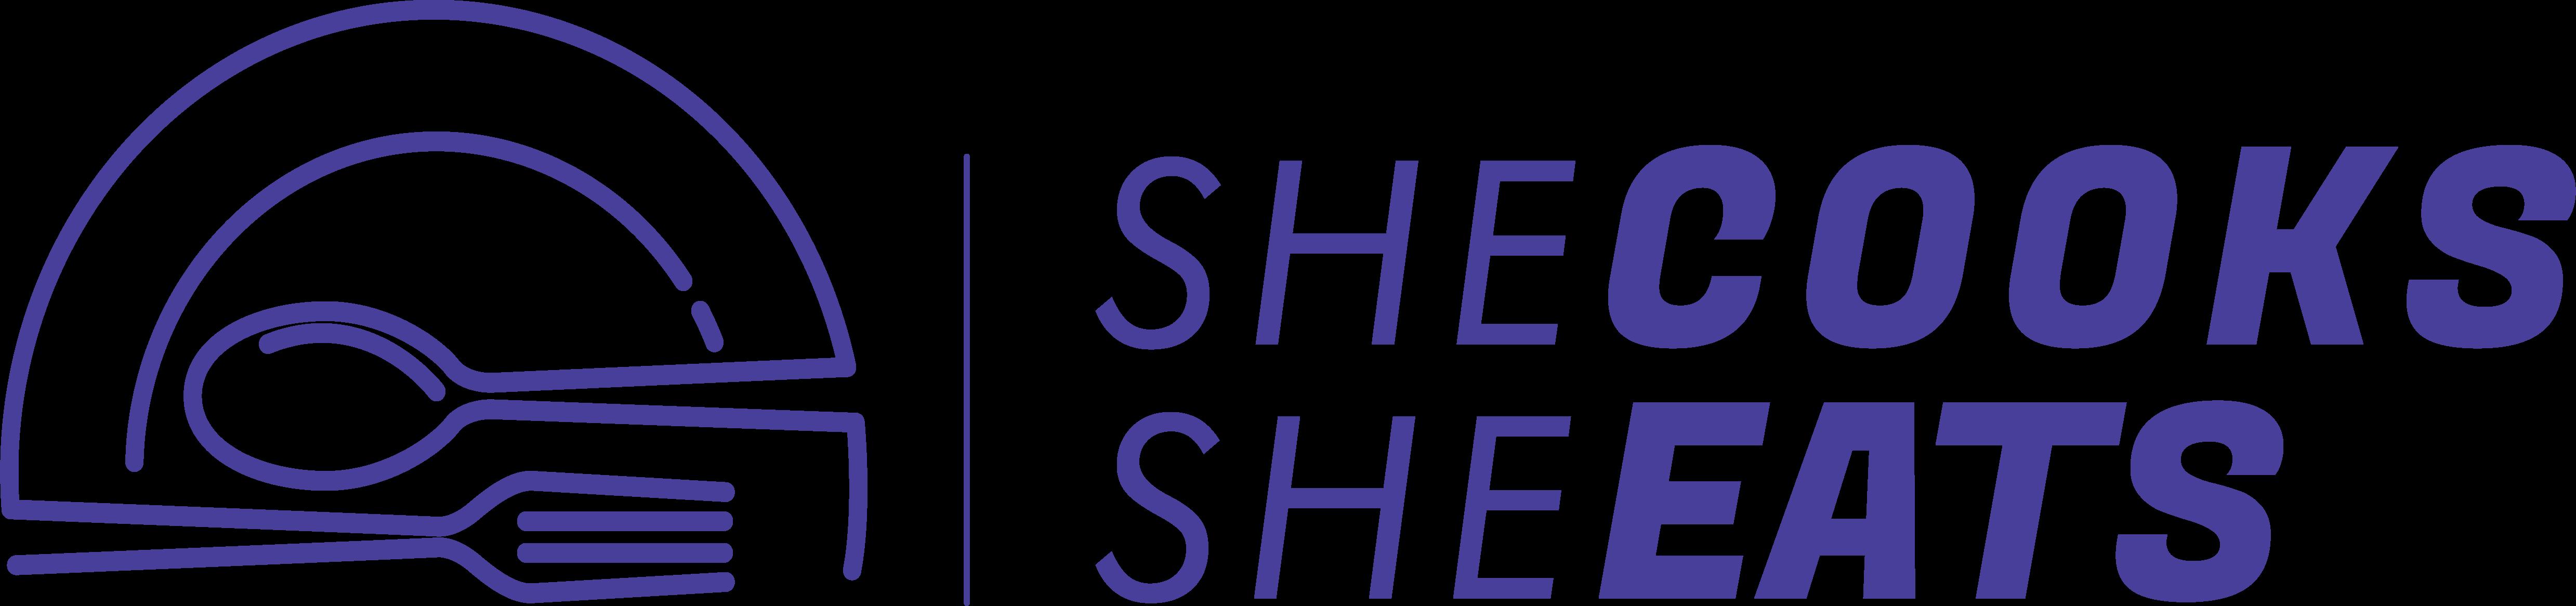 She Cooks She Eats Logo